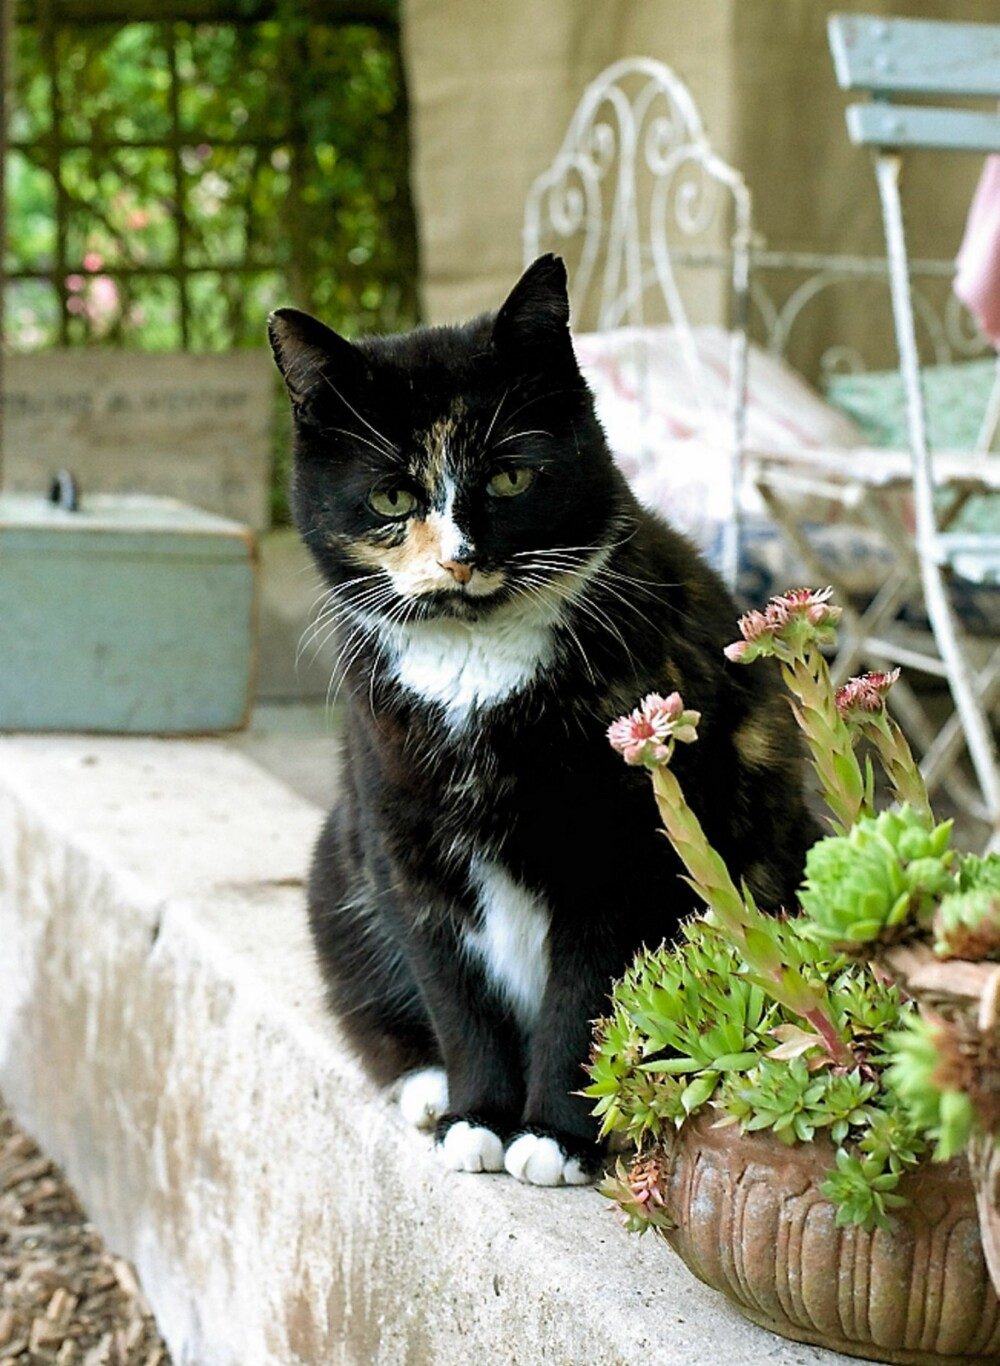 LAT KATT: Blir hagehjørnet ditt for hyggelig, flytter nok naboens katt inn for godt.